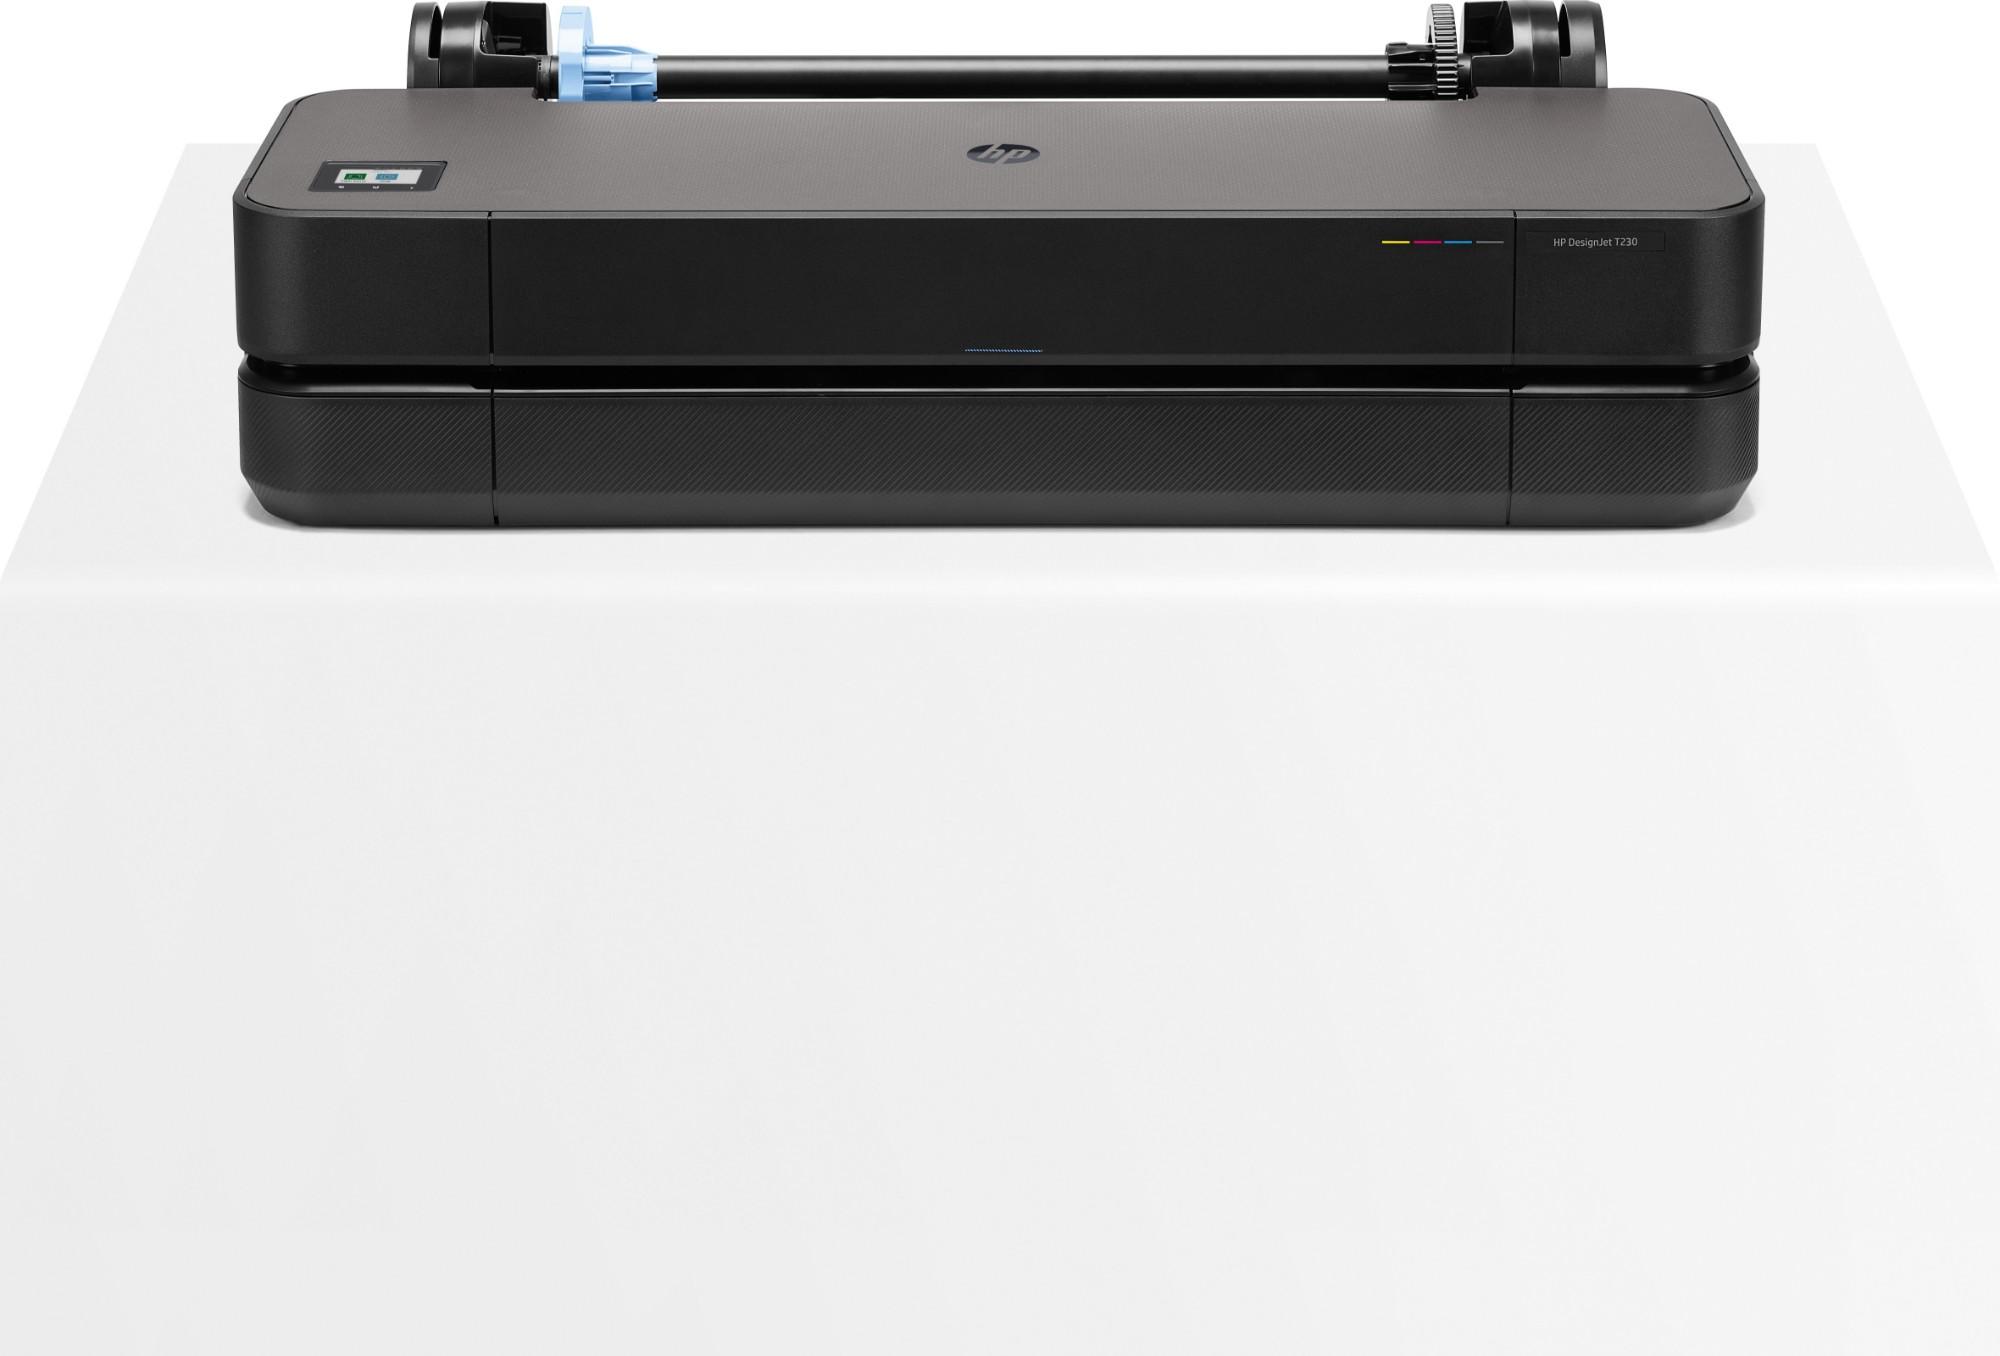 HP Designjet T230 large format printer Wi-Fi Thermal inkjet Colour 2400 x 1200 DPI A1 (594 x 841 mm) Ethernet LAN